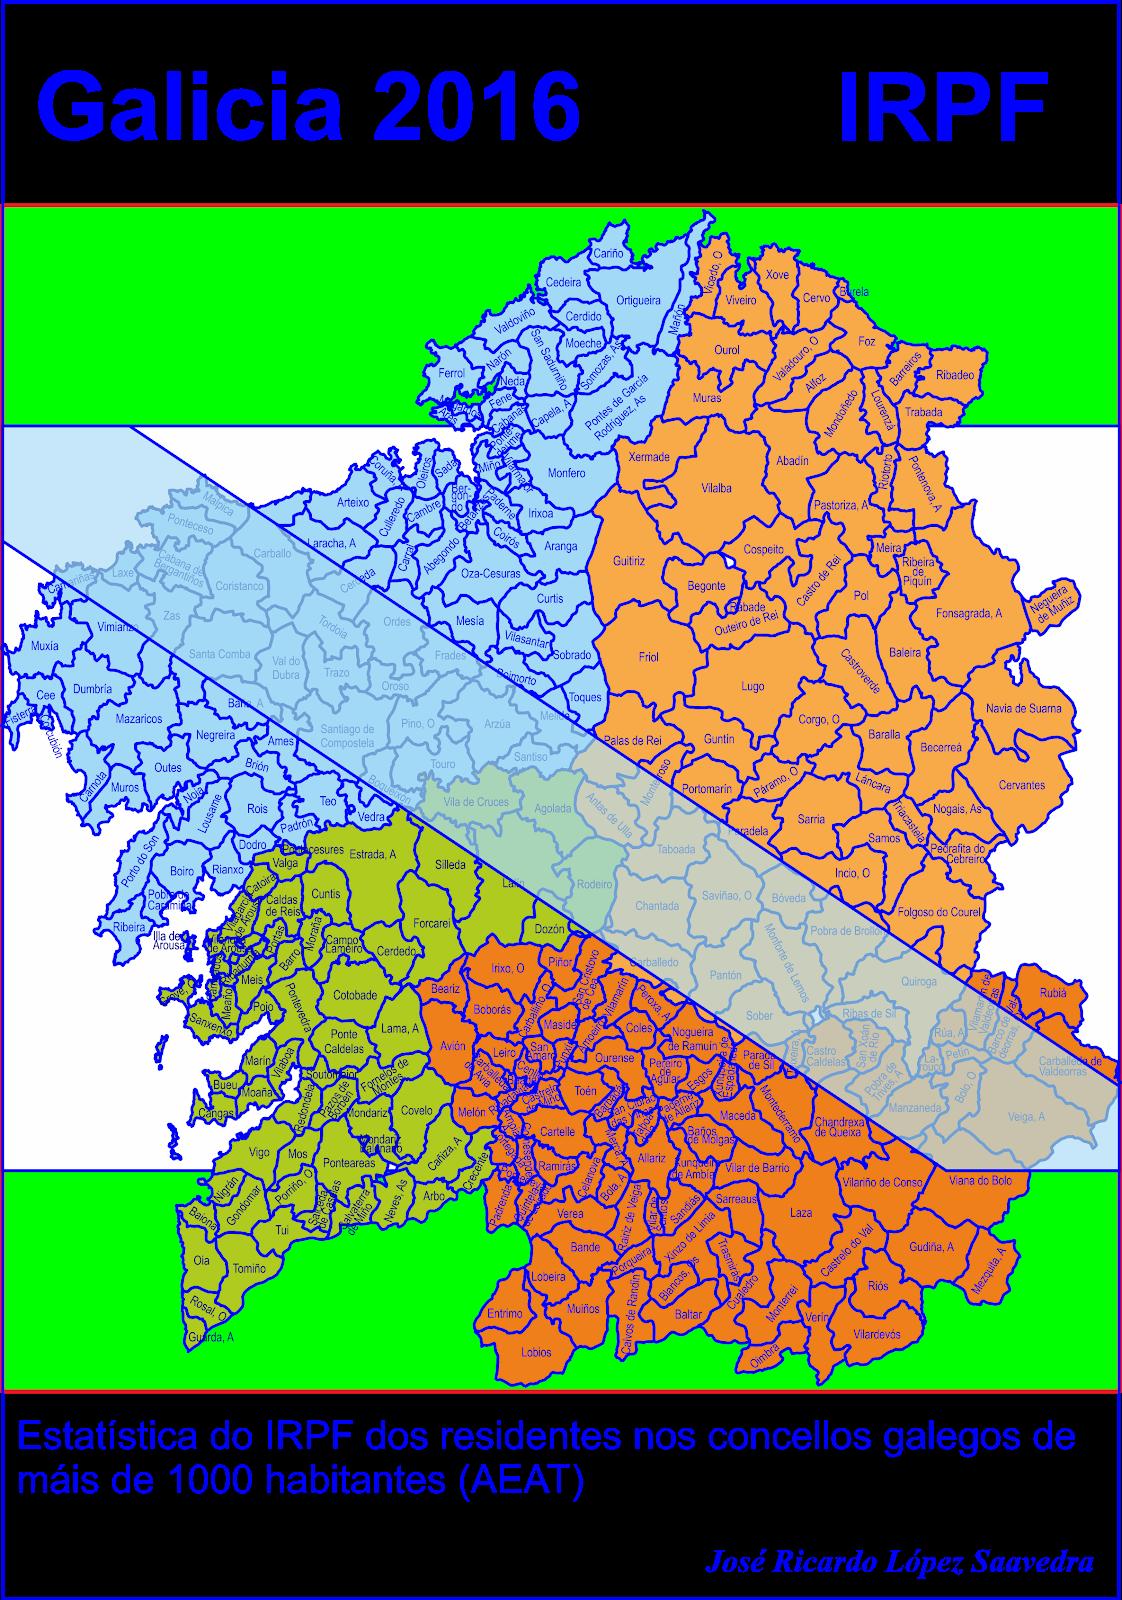 Galicia IRPF 2016